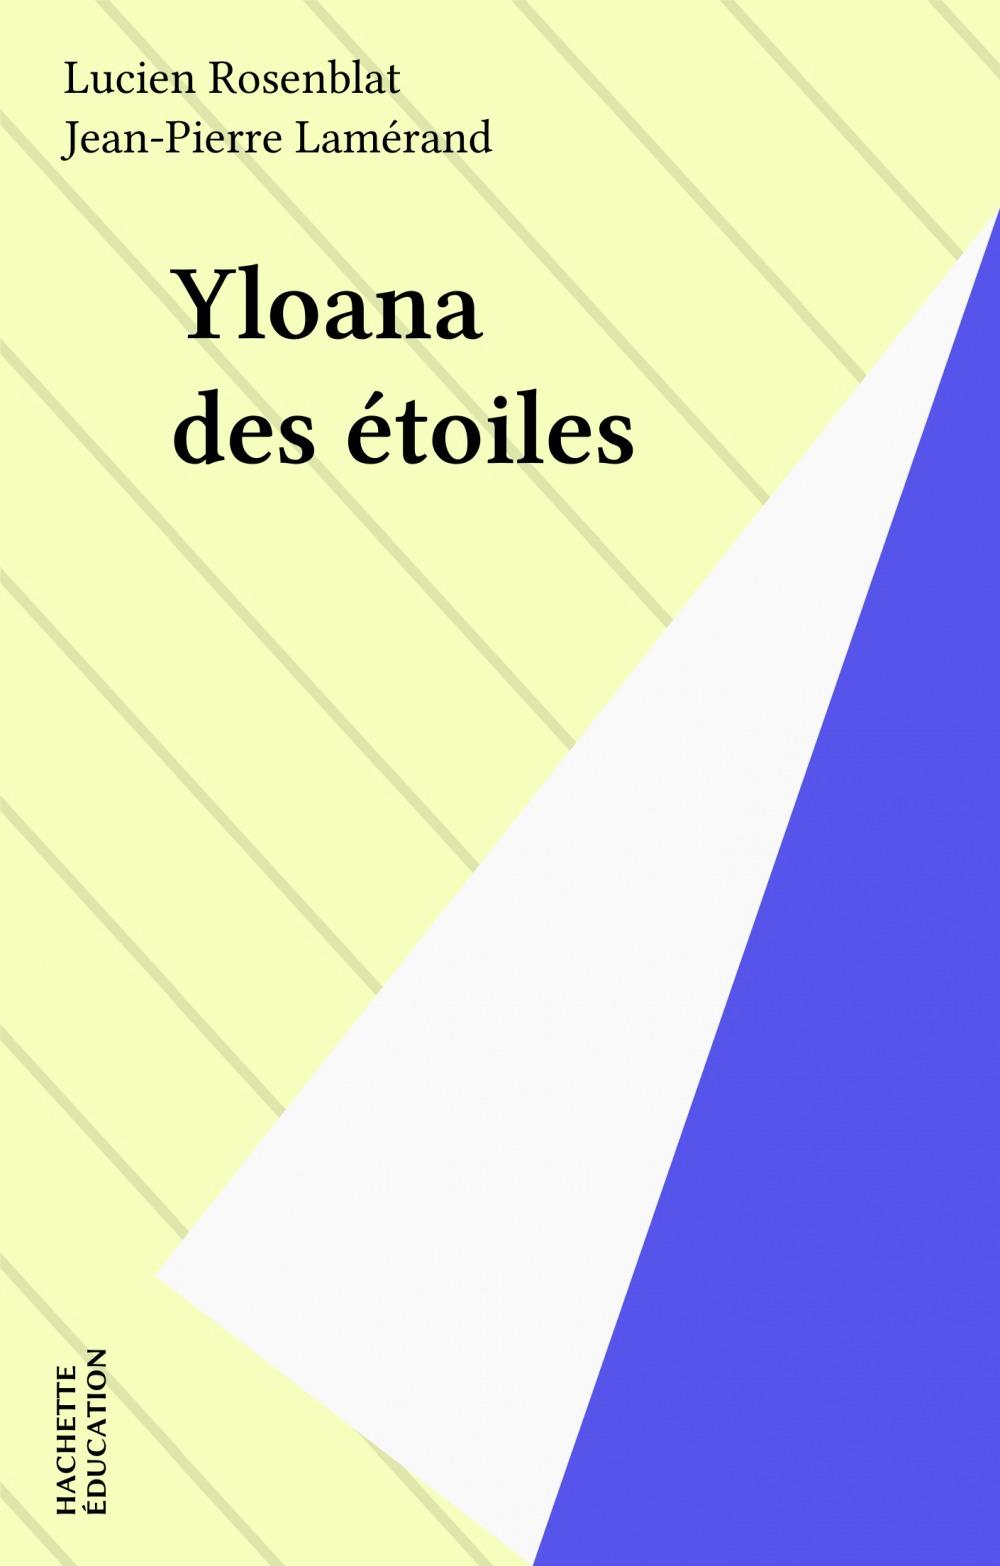 Yloana des etoiles